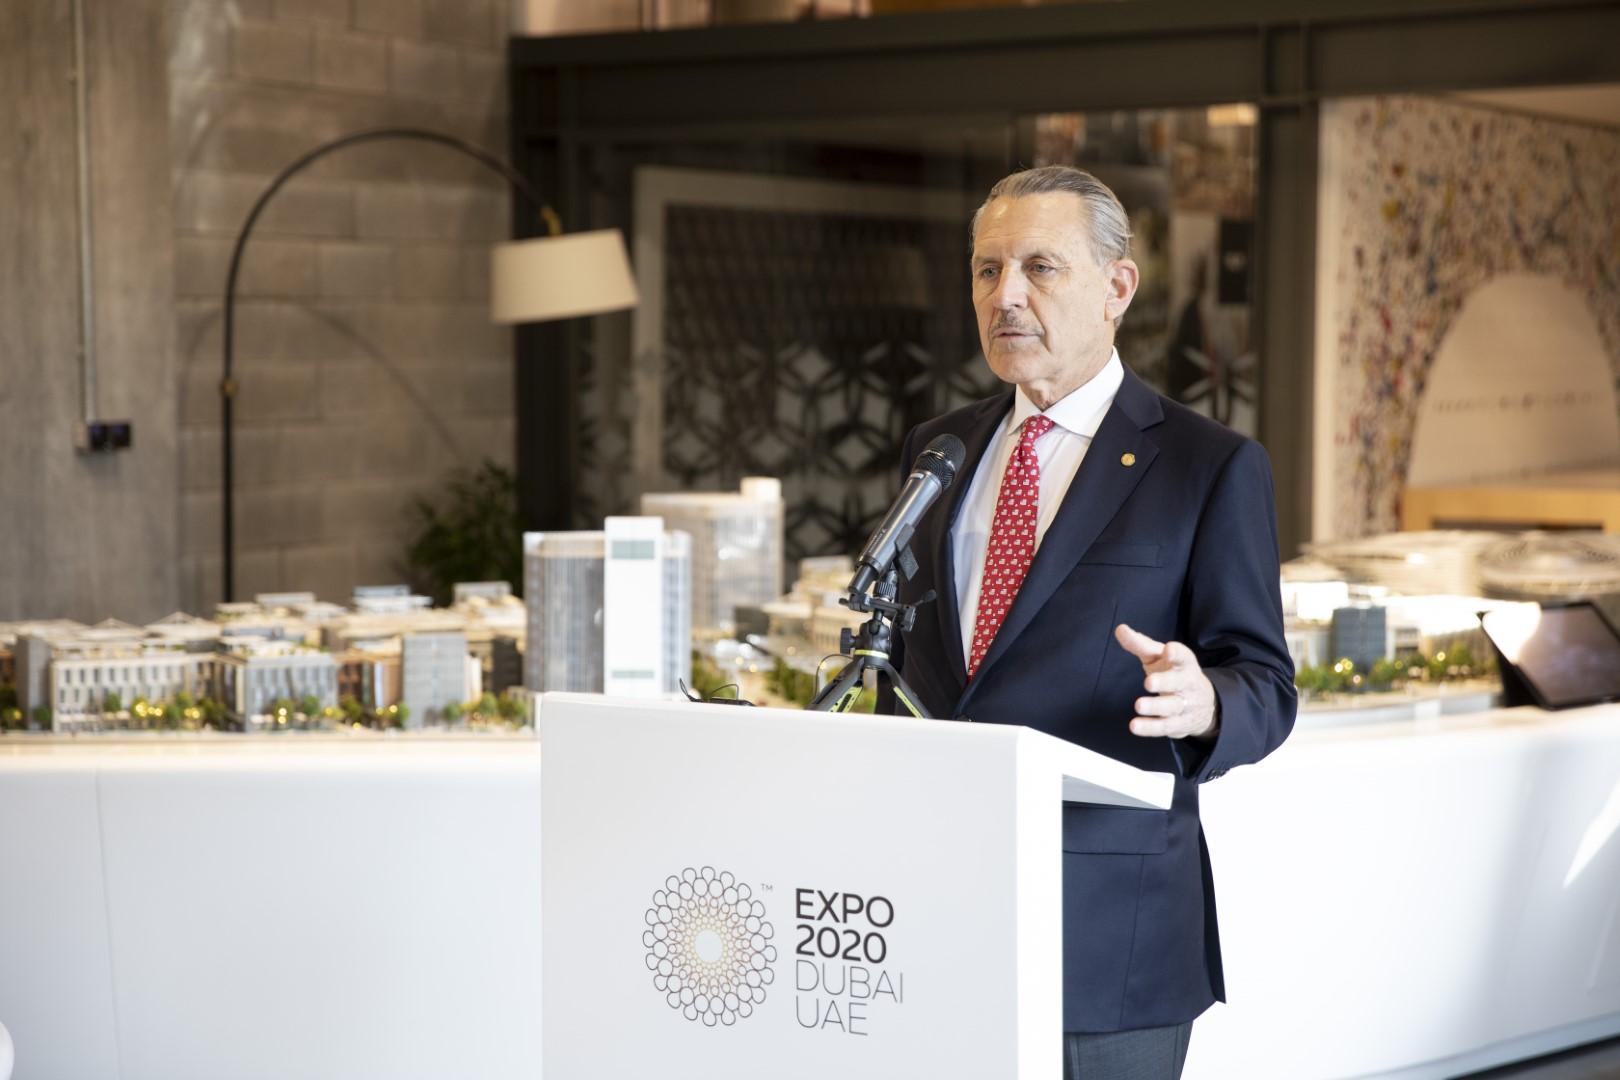 إكتمال أعمال تشييد جناح الولايات المتحدة الأمريكية في إكسبو 2020 دبي